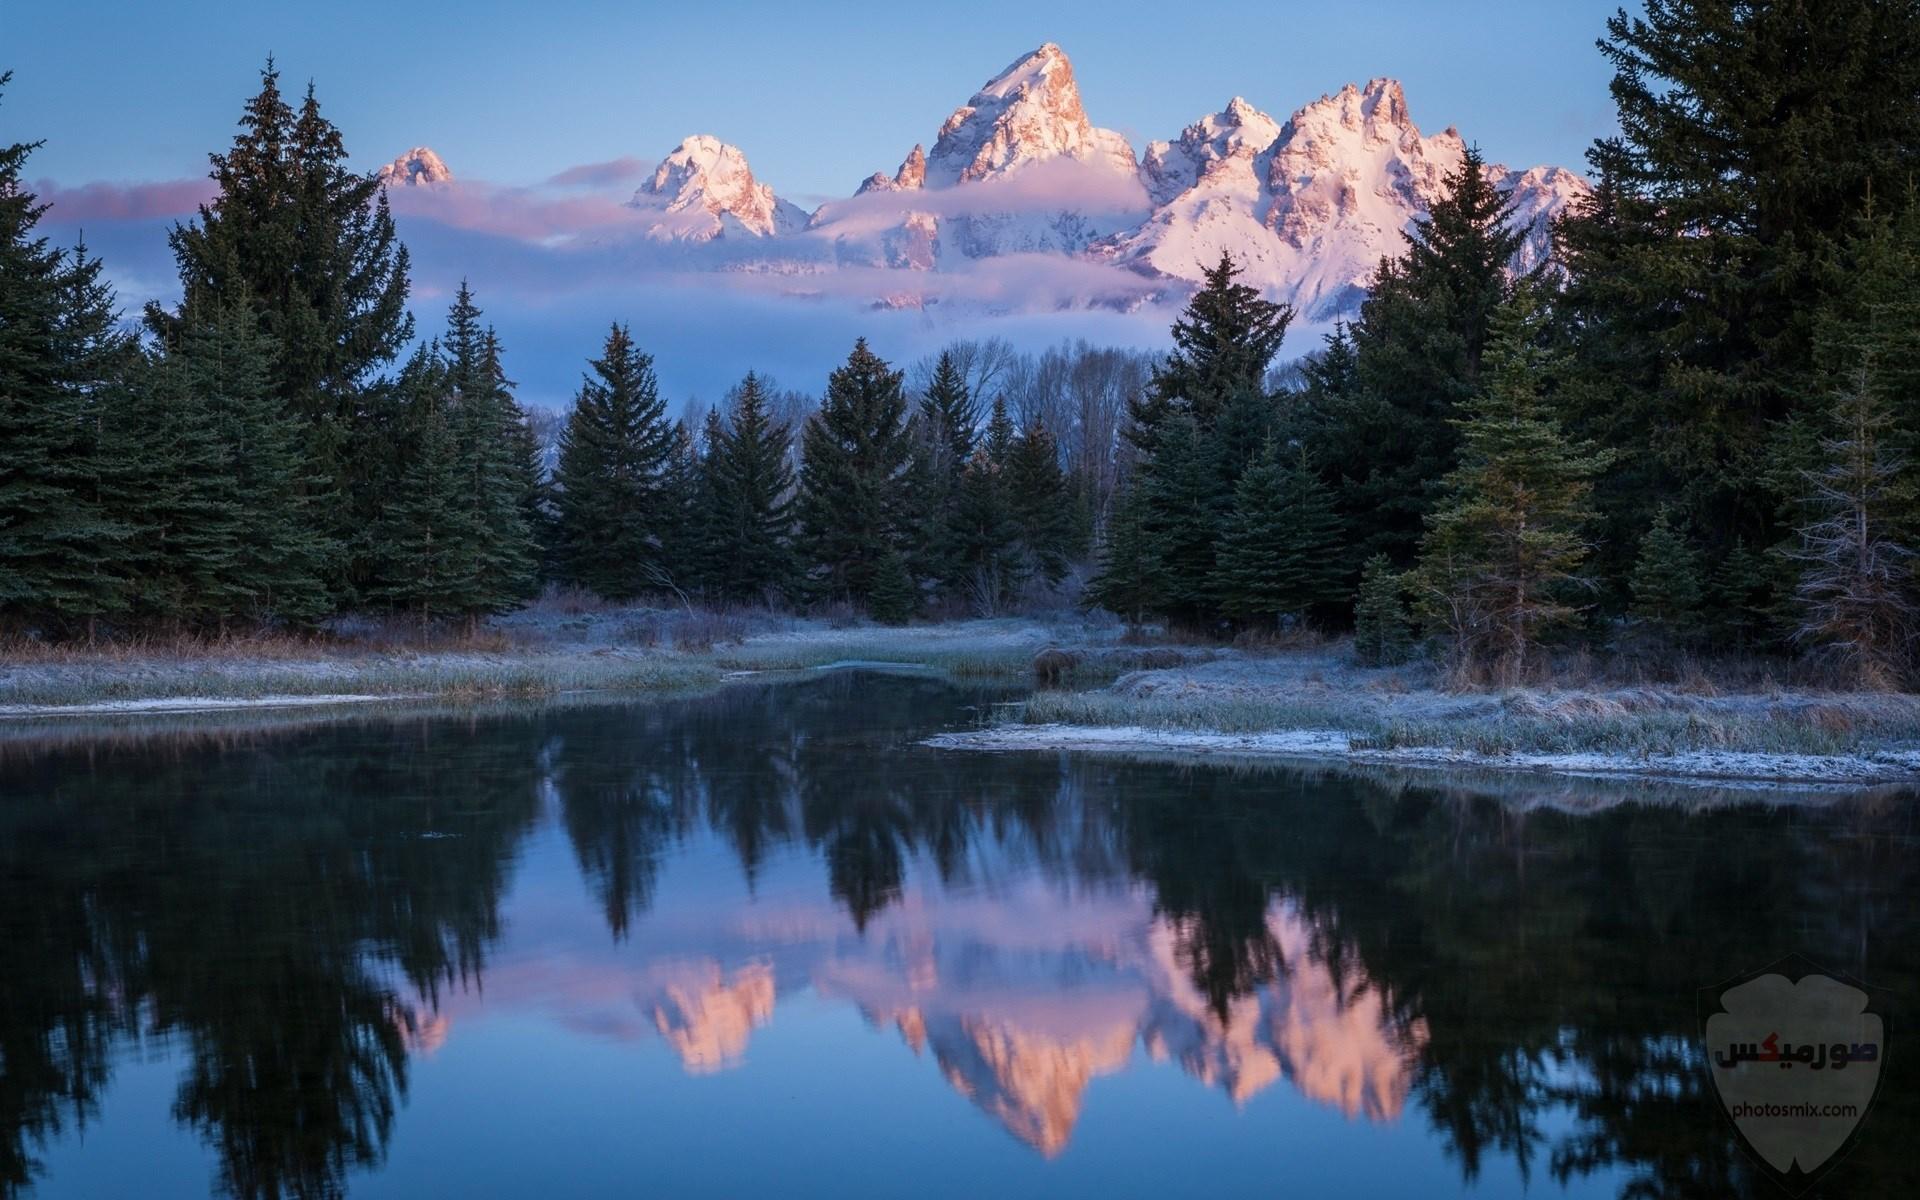 صور وخلفيات جبال وشلالات طبيعية HD خلفيات جبال خضراء وثلجية 14